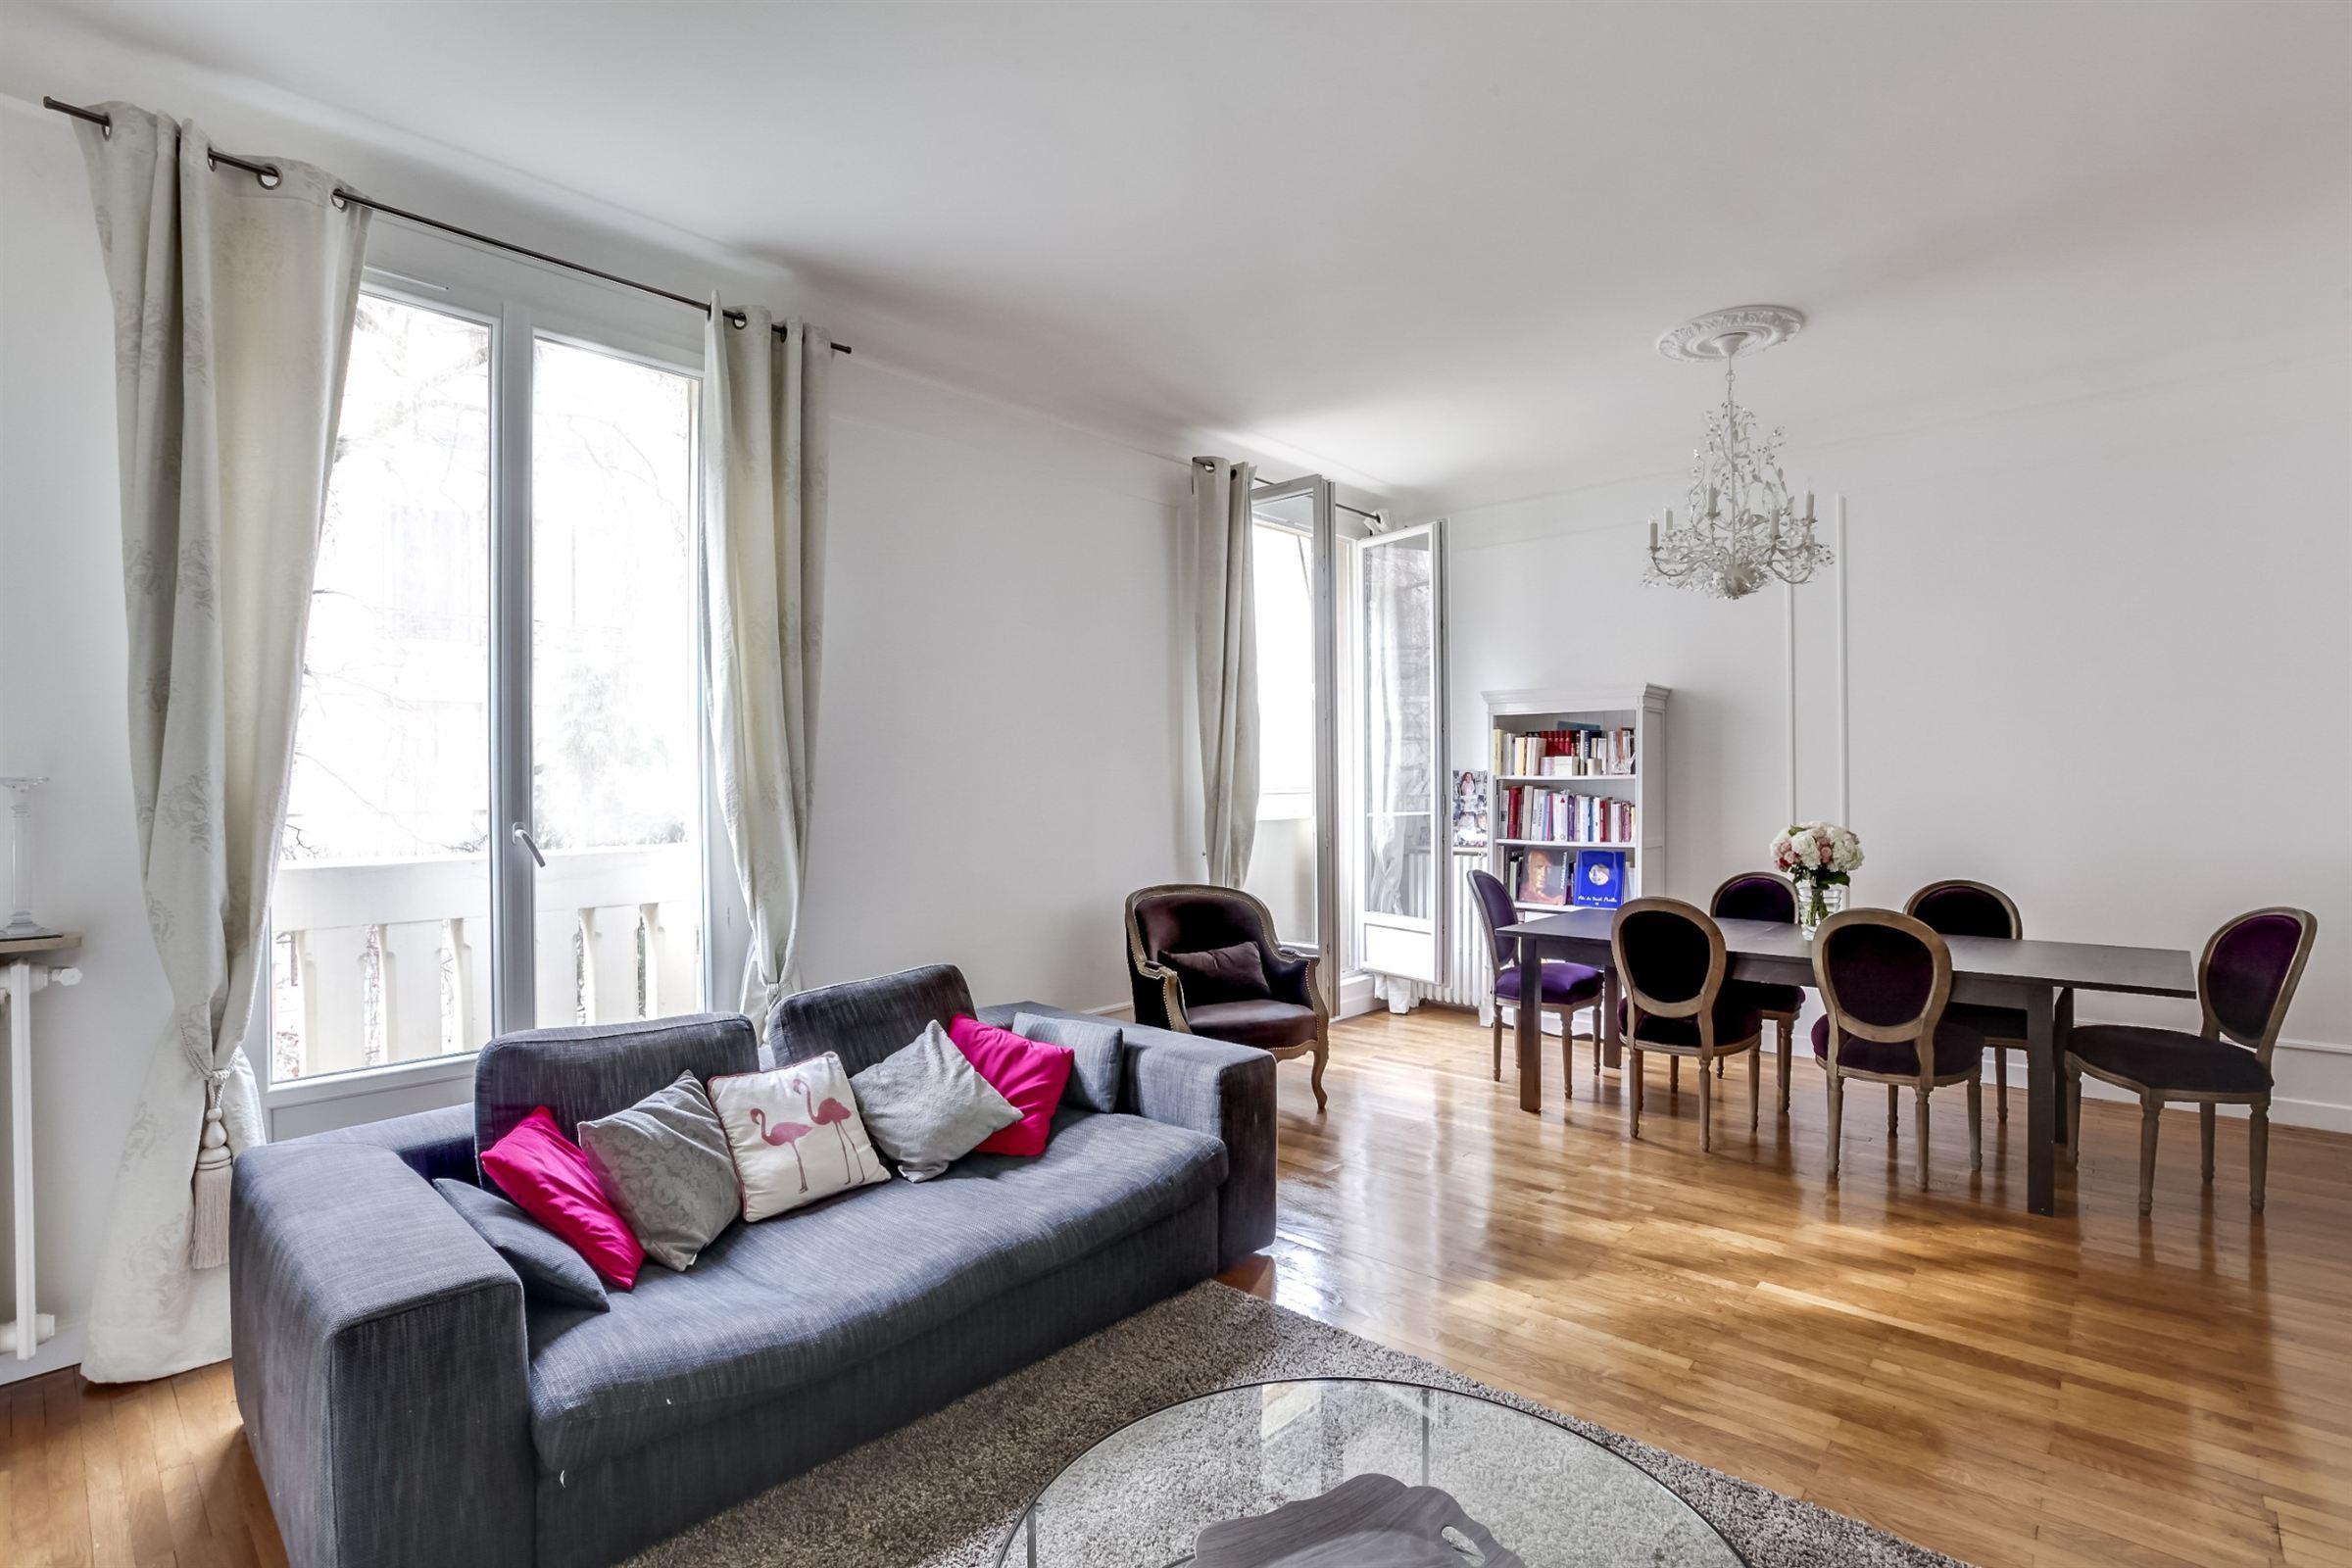 sales property at A 117 sq.m apartment for sale Paris 16 - Longchamp, 3 chambres